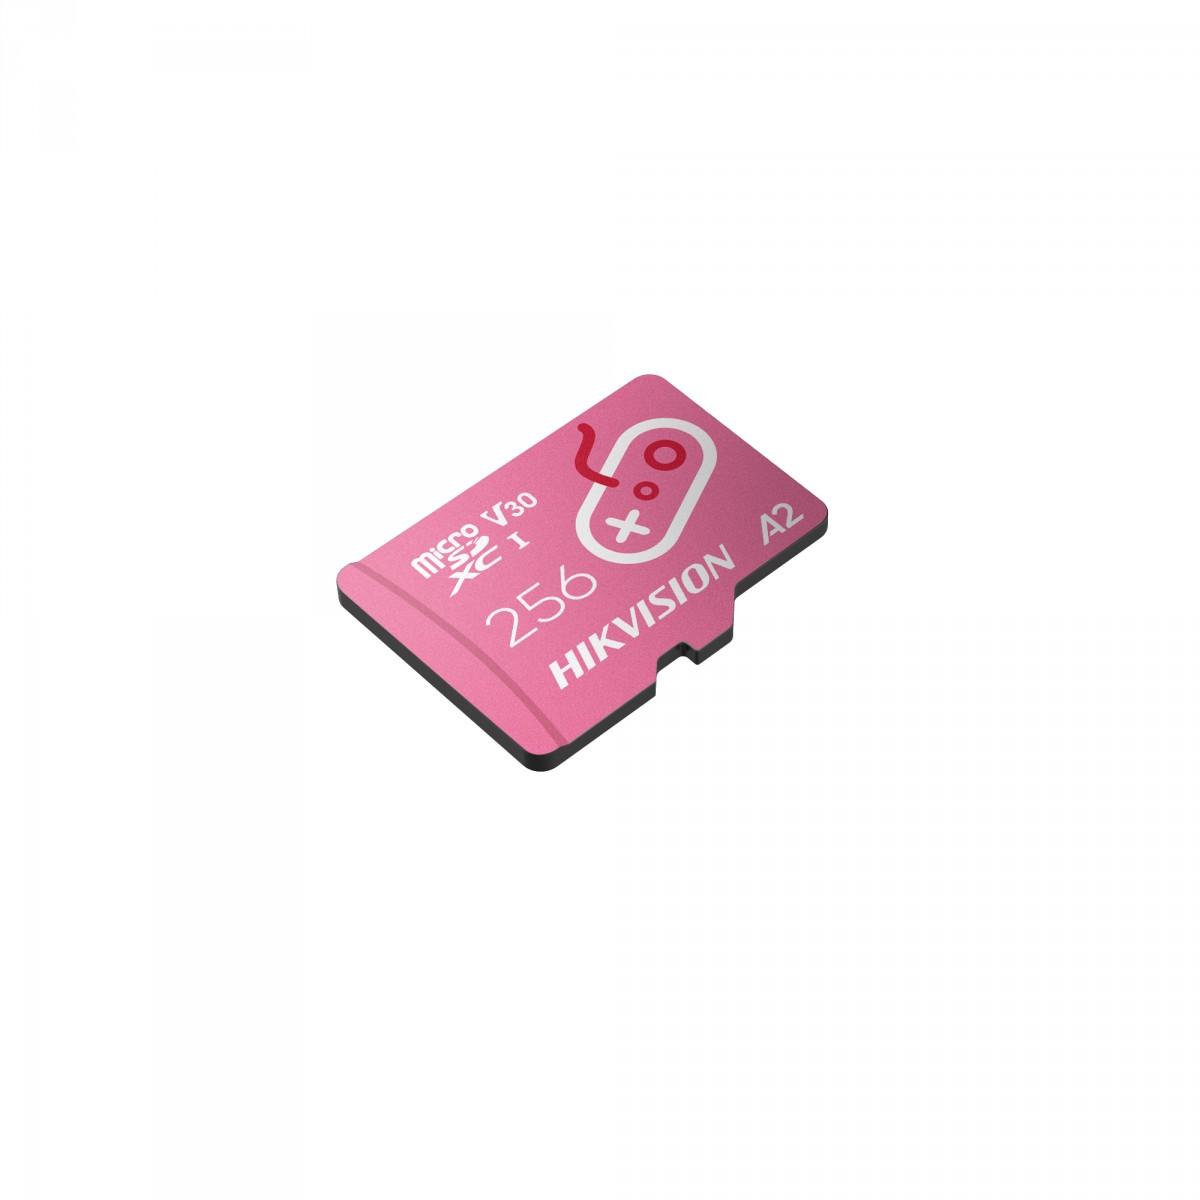 Cartão de Memória Hikvision Micro SD XC 256GB, HS-TF-G2-256G